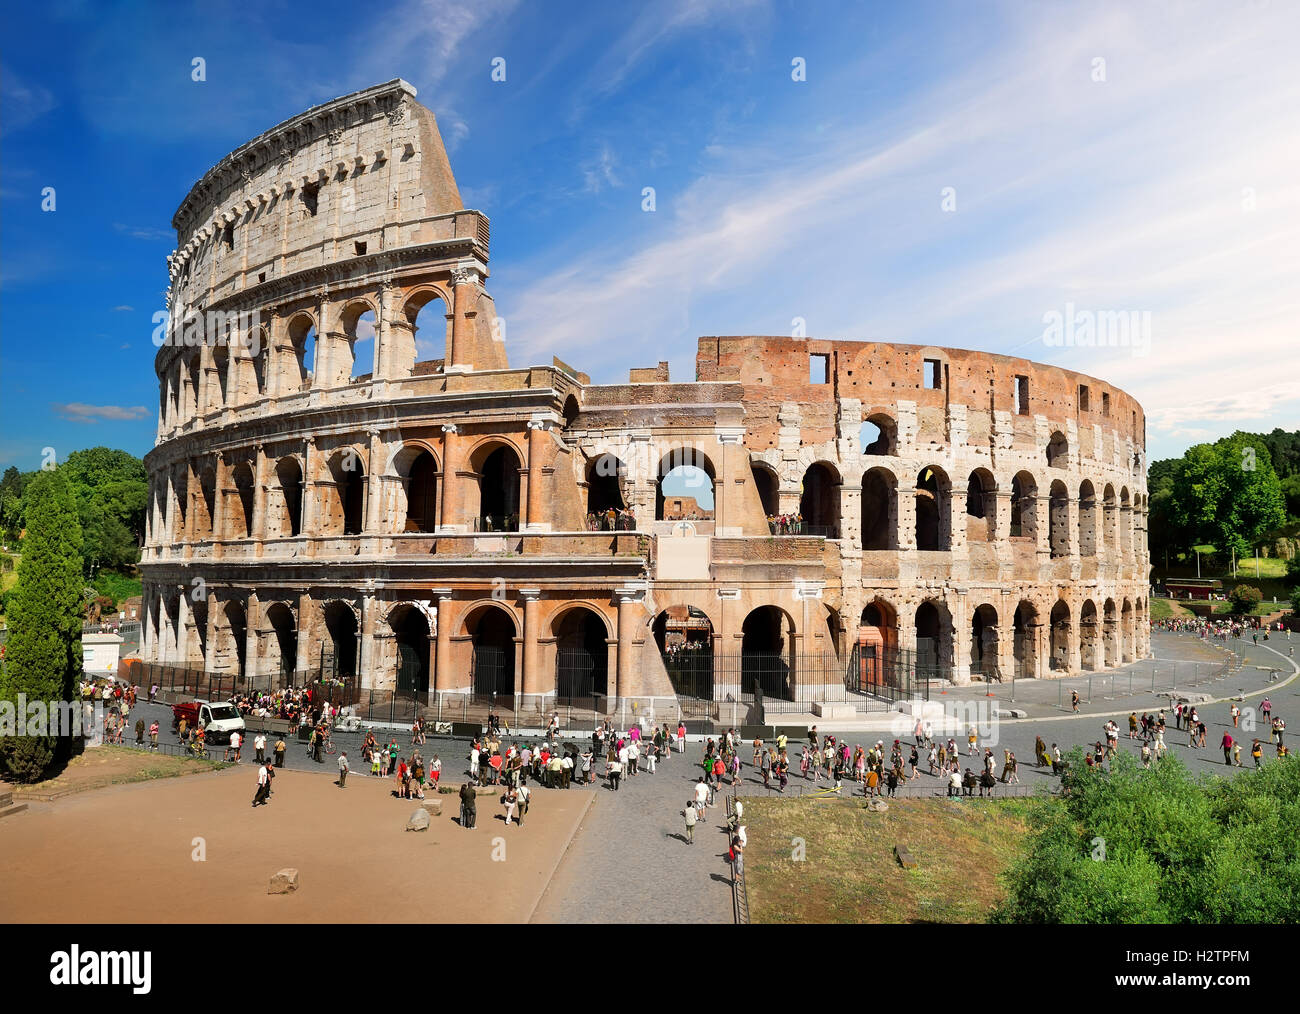 Splendido Colosseo romano nel giorno di estate, Italia Immagini Stock